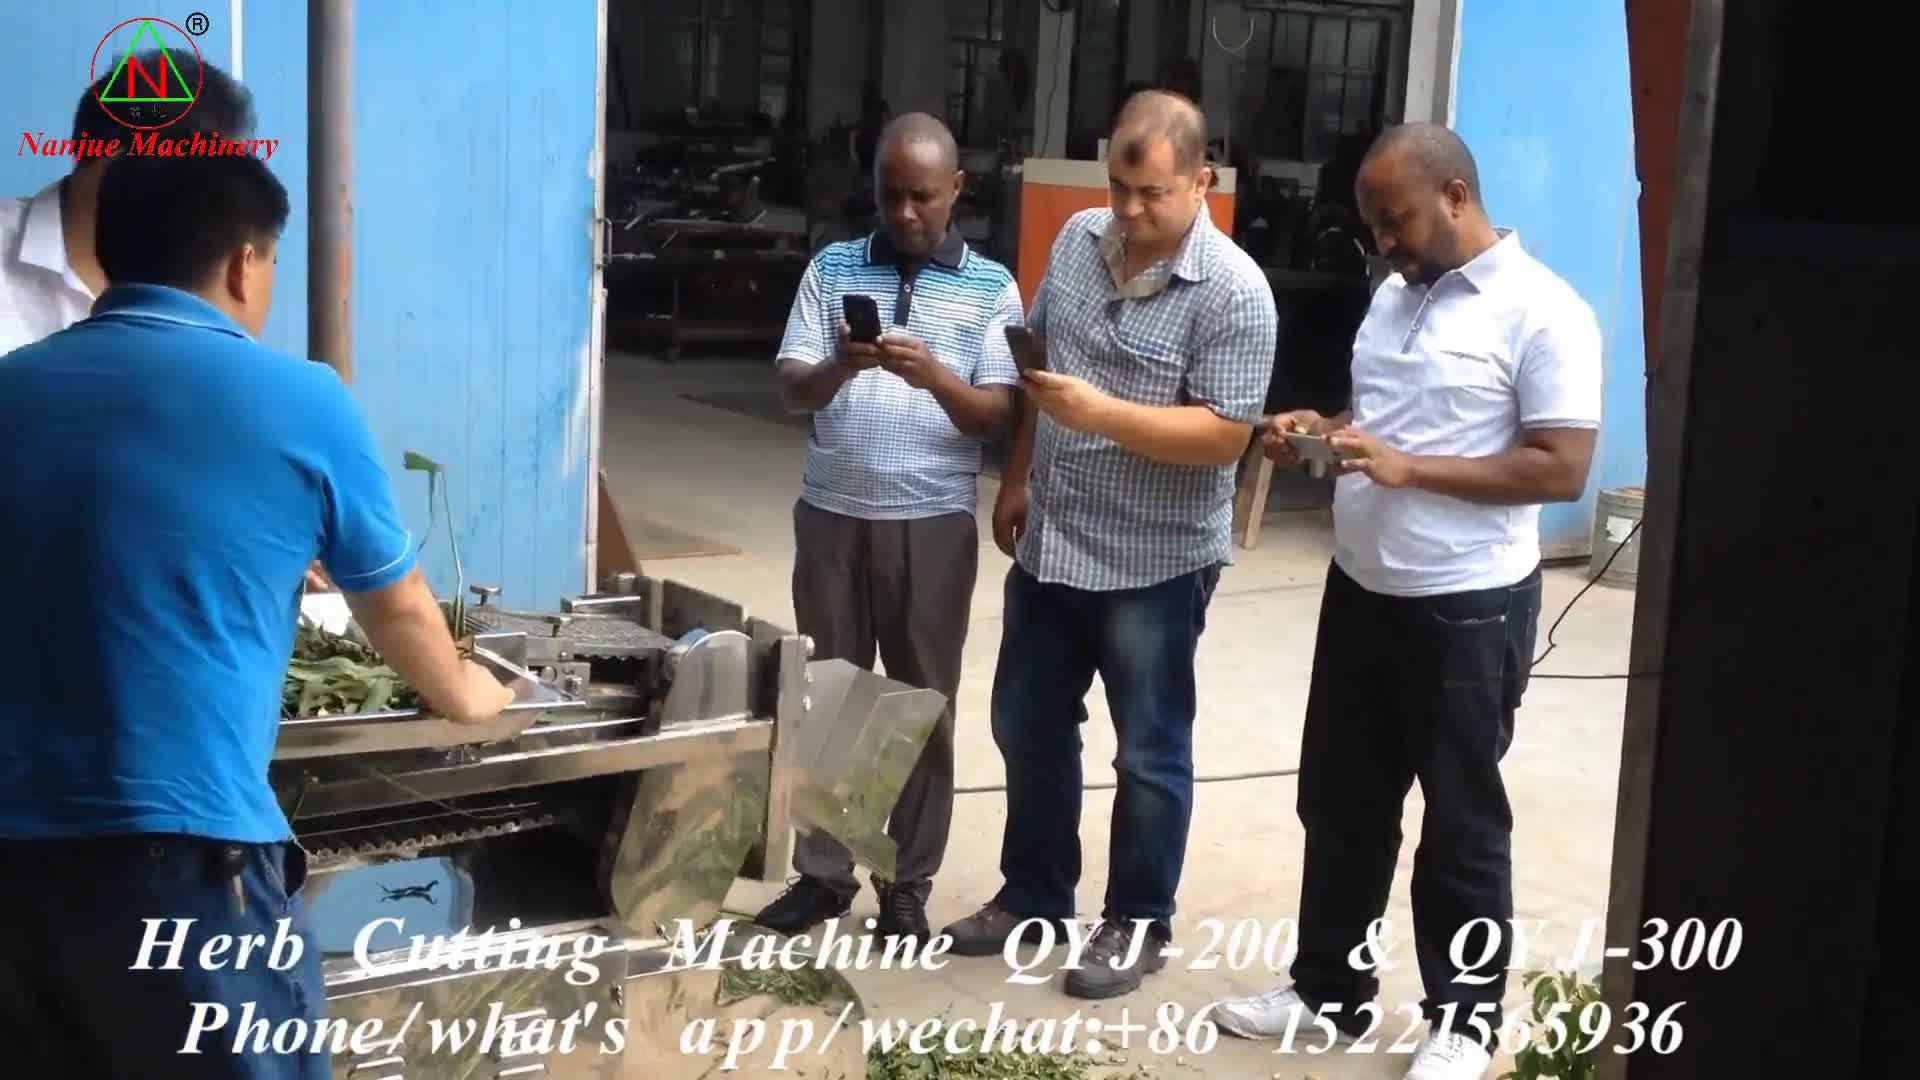 เครื่องตัดสมุนไพร aromatic herb ชาชะเอมชะเอมตัดสมุนไพรตัดเครื่อง